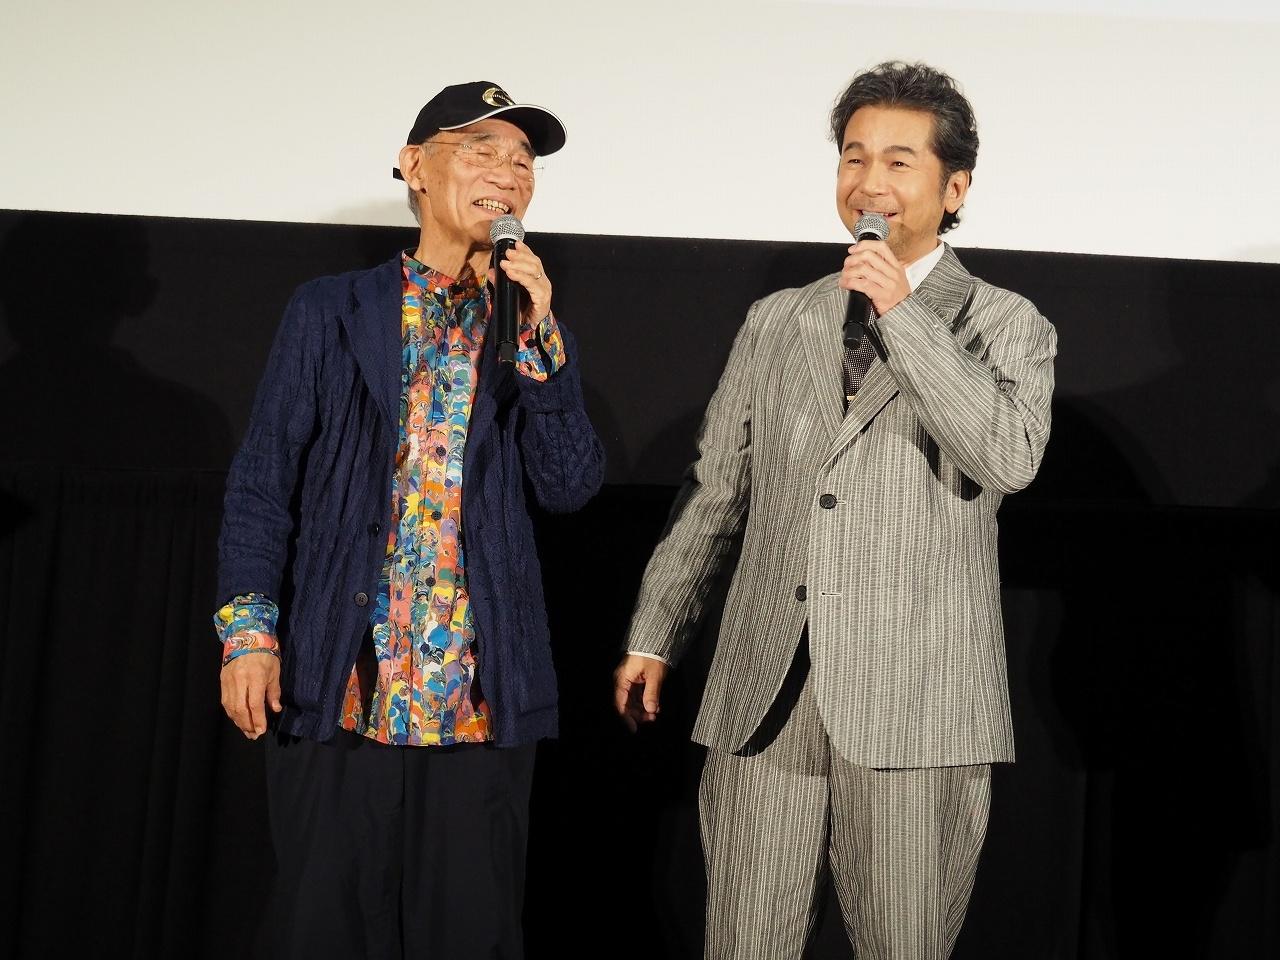 仲睦まじい姿を見せる富野由悠季総監督と、DREAMS COME TRUEの中村正人